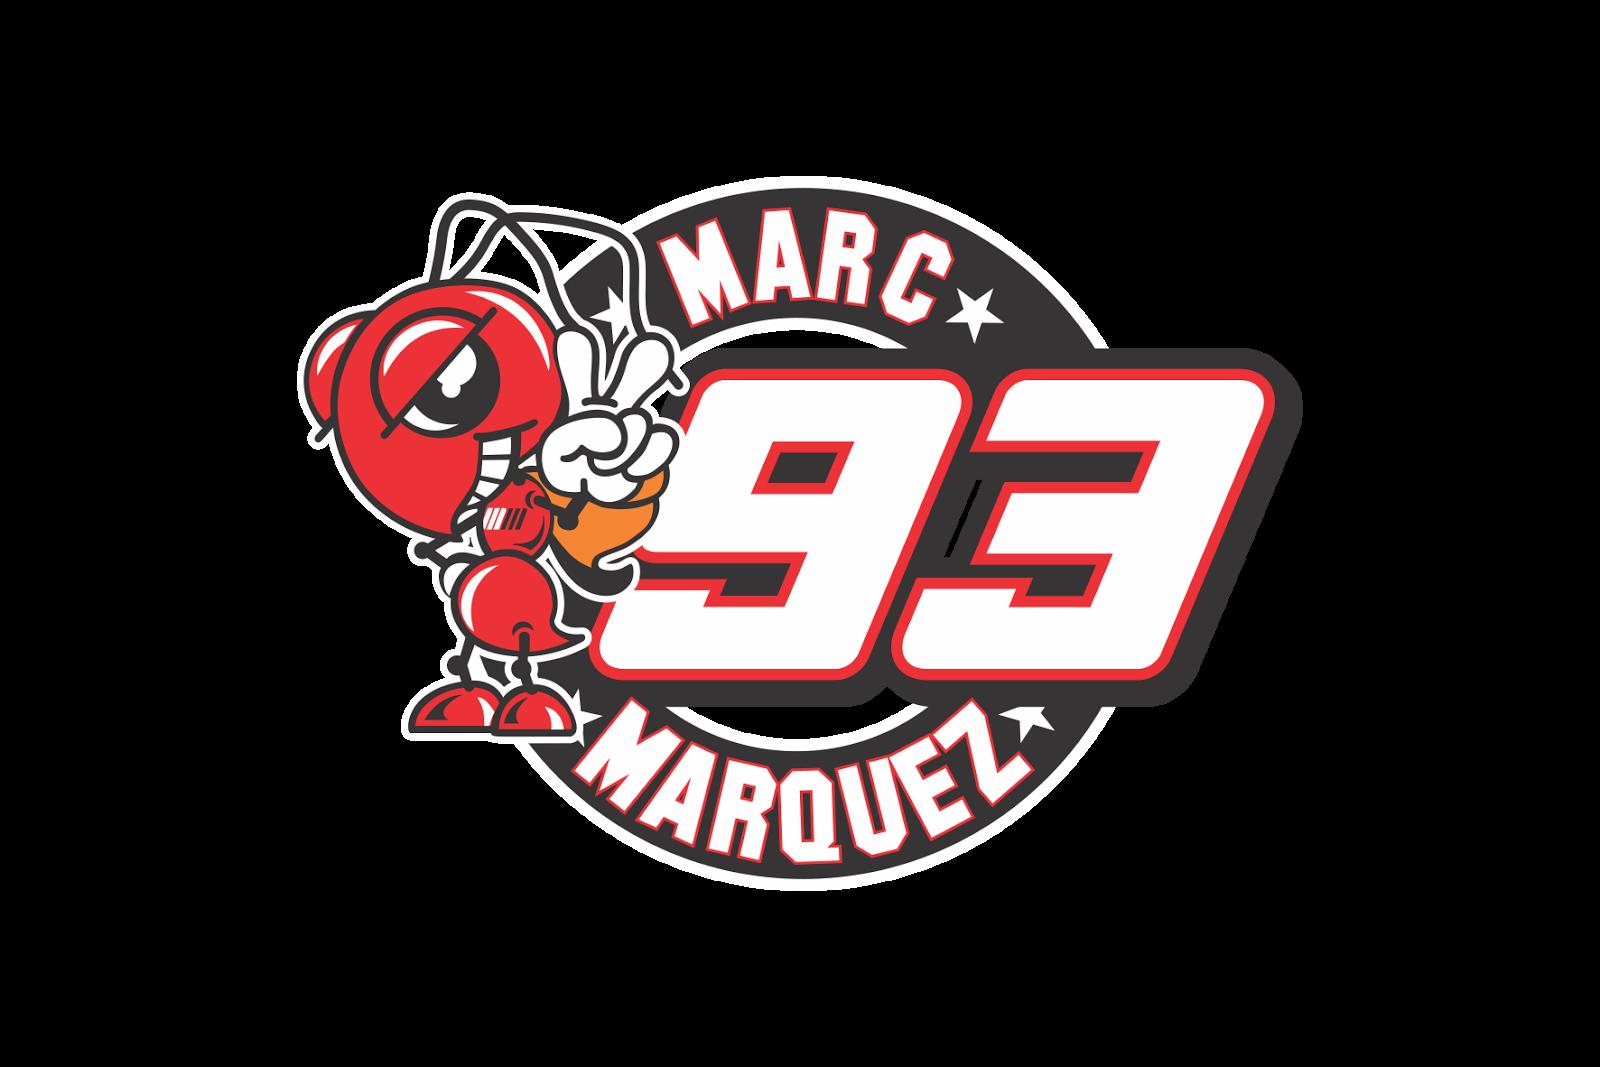 Marc Marquez Logo